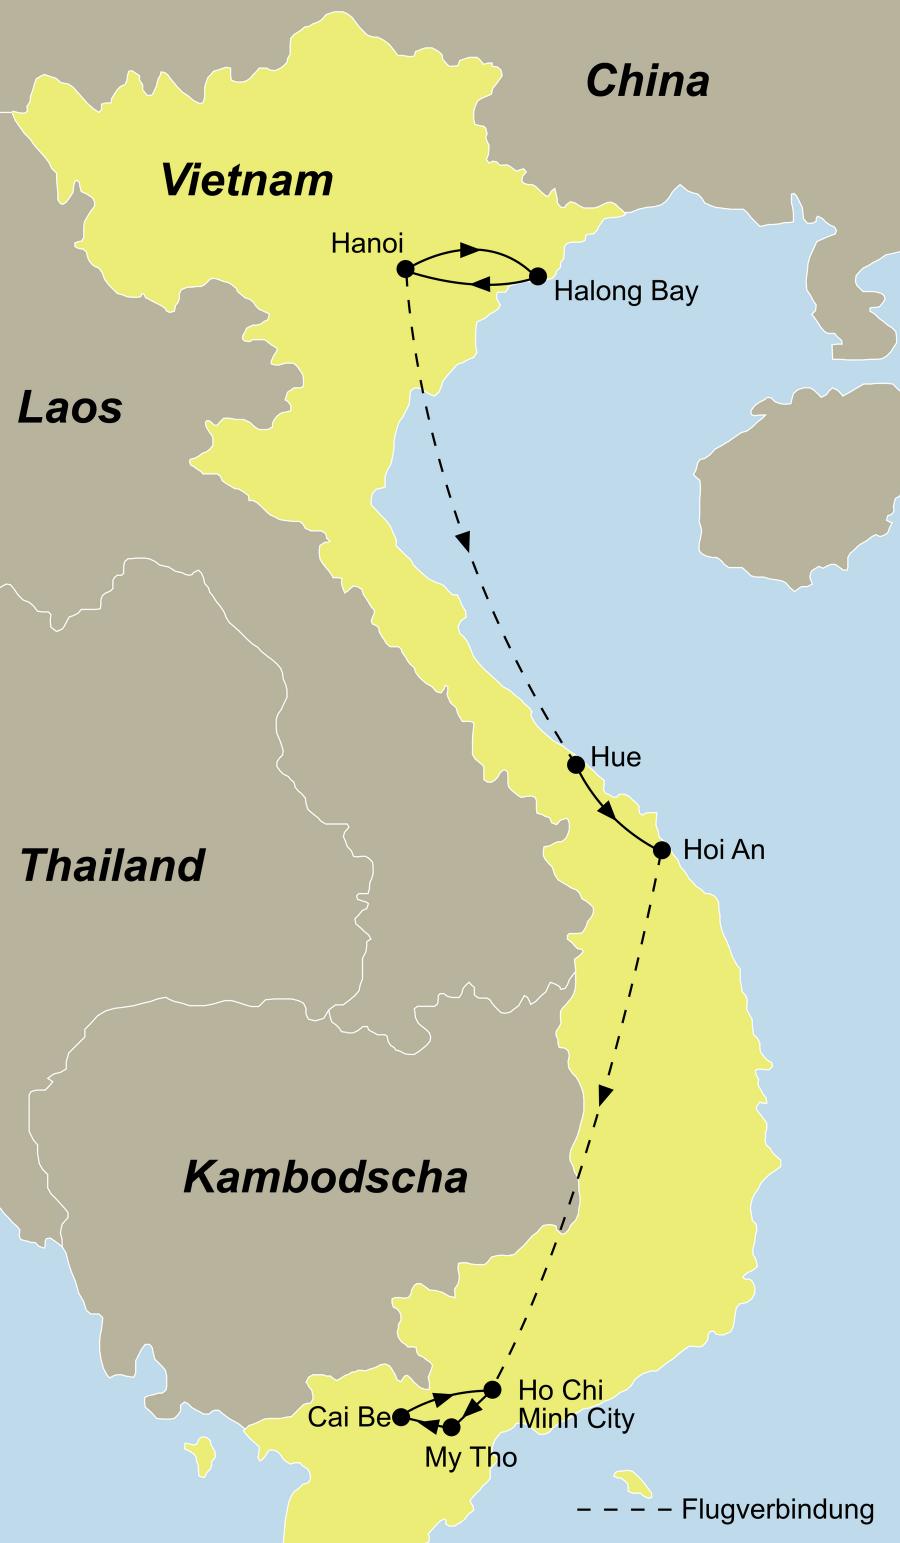 Der Reiseverlauf zu unserer Vietnam Reise - Erlebe Vietnam startet in Hanoi und endet in Saigon.